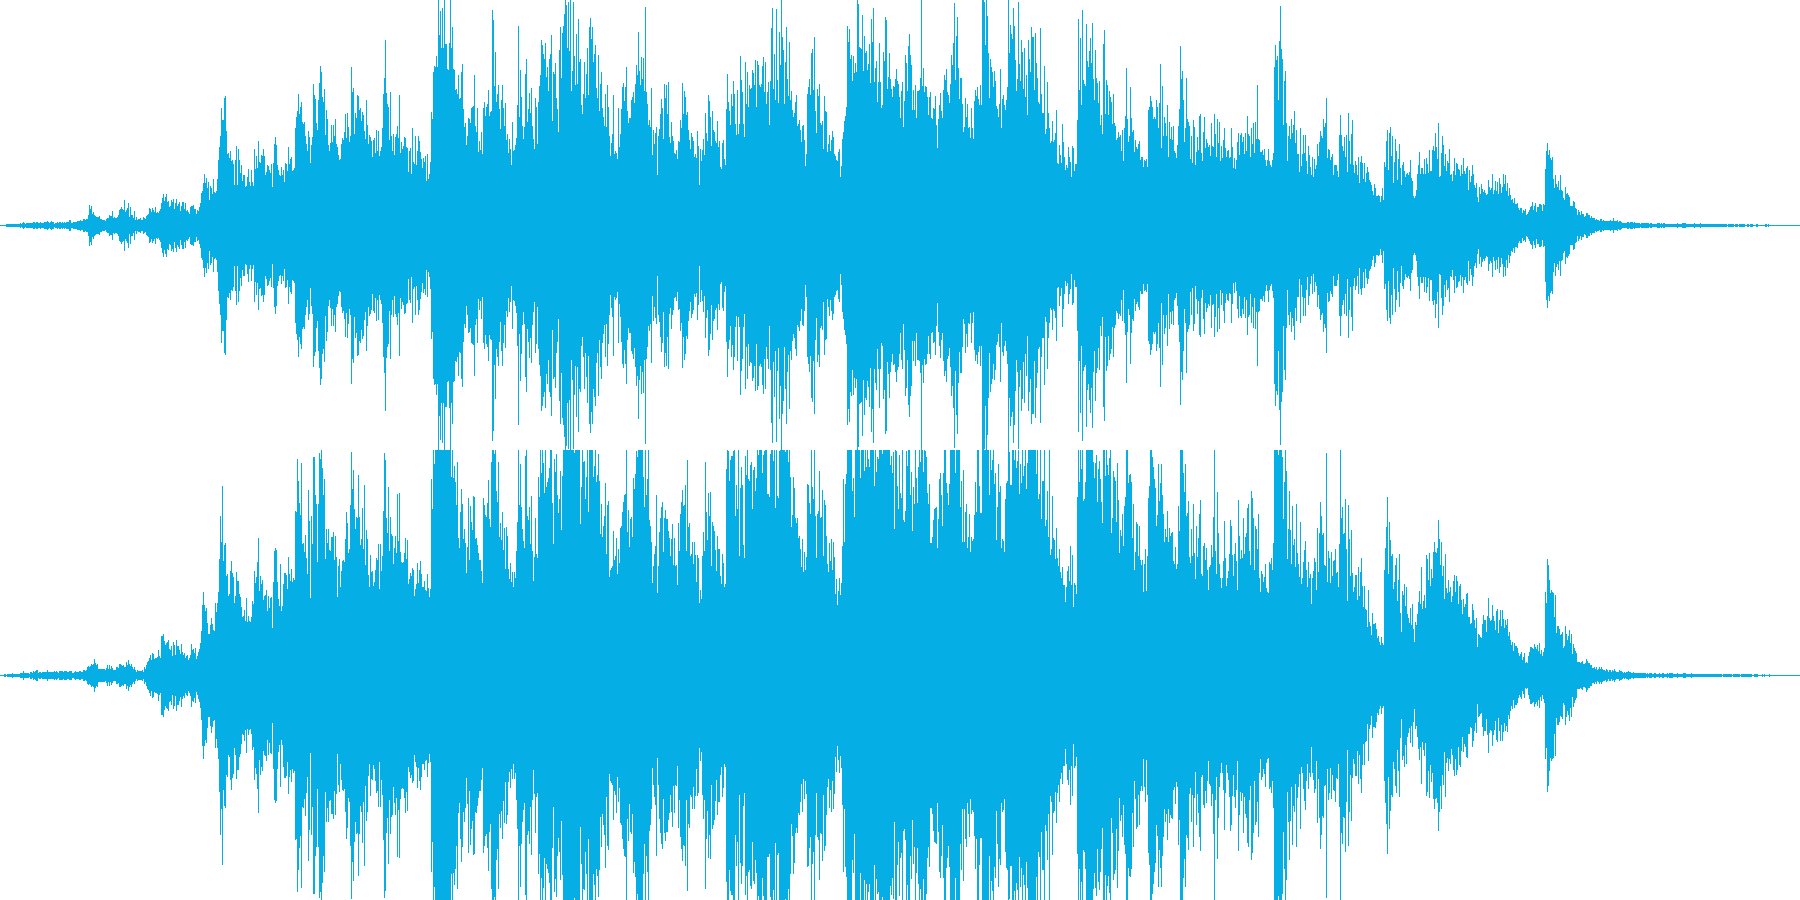 カラカランカラ!神社の鐘の音 の再生済みの波形